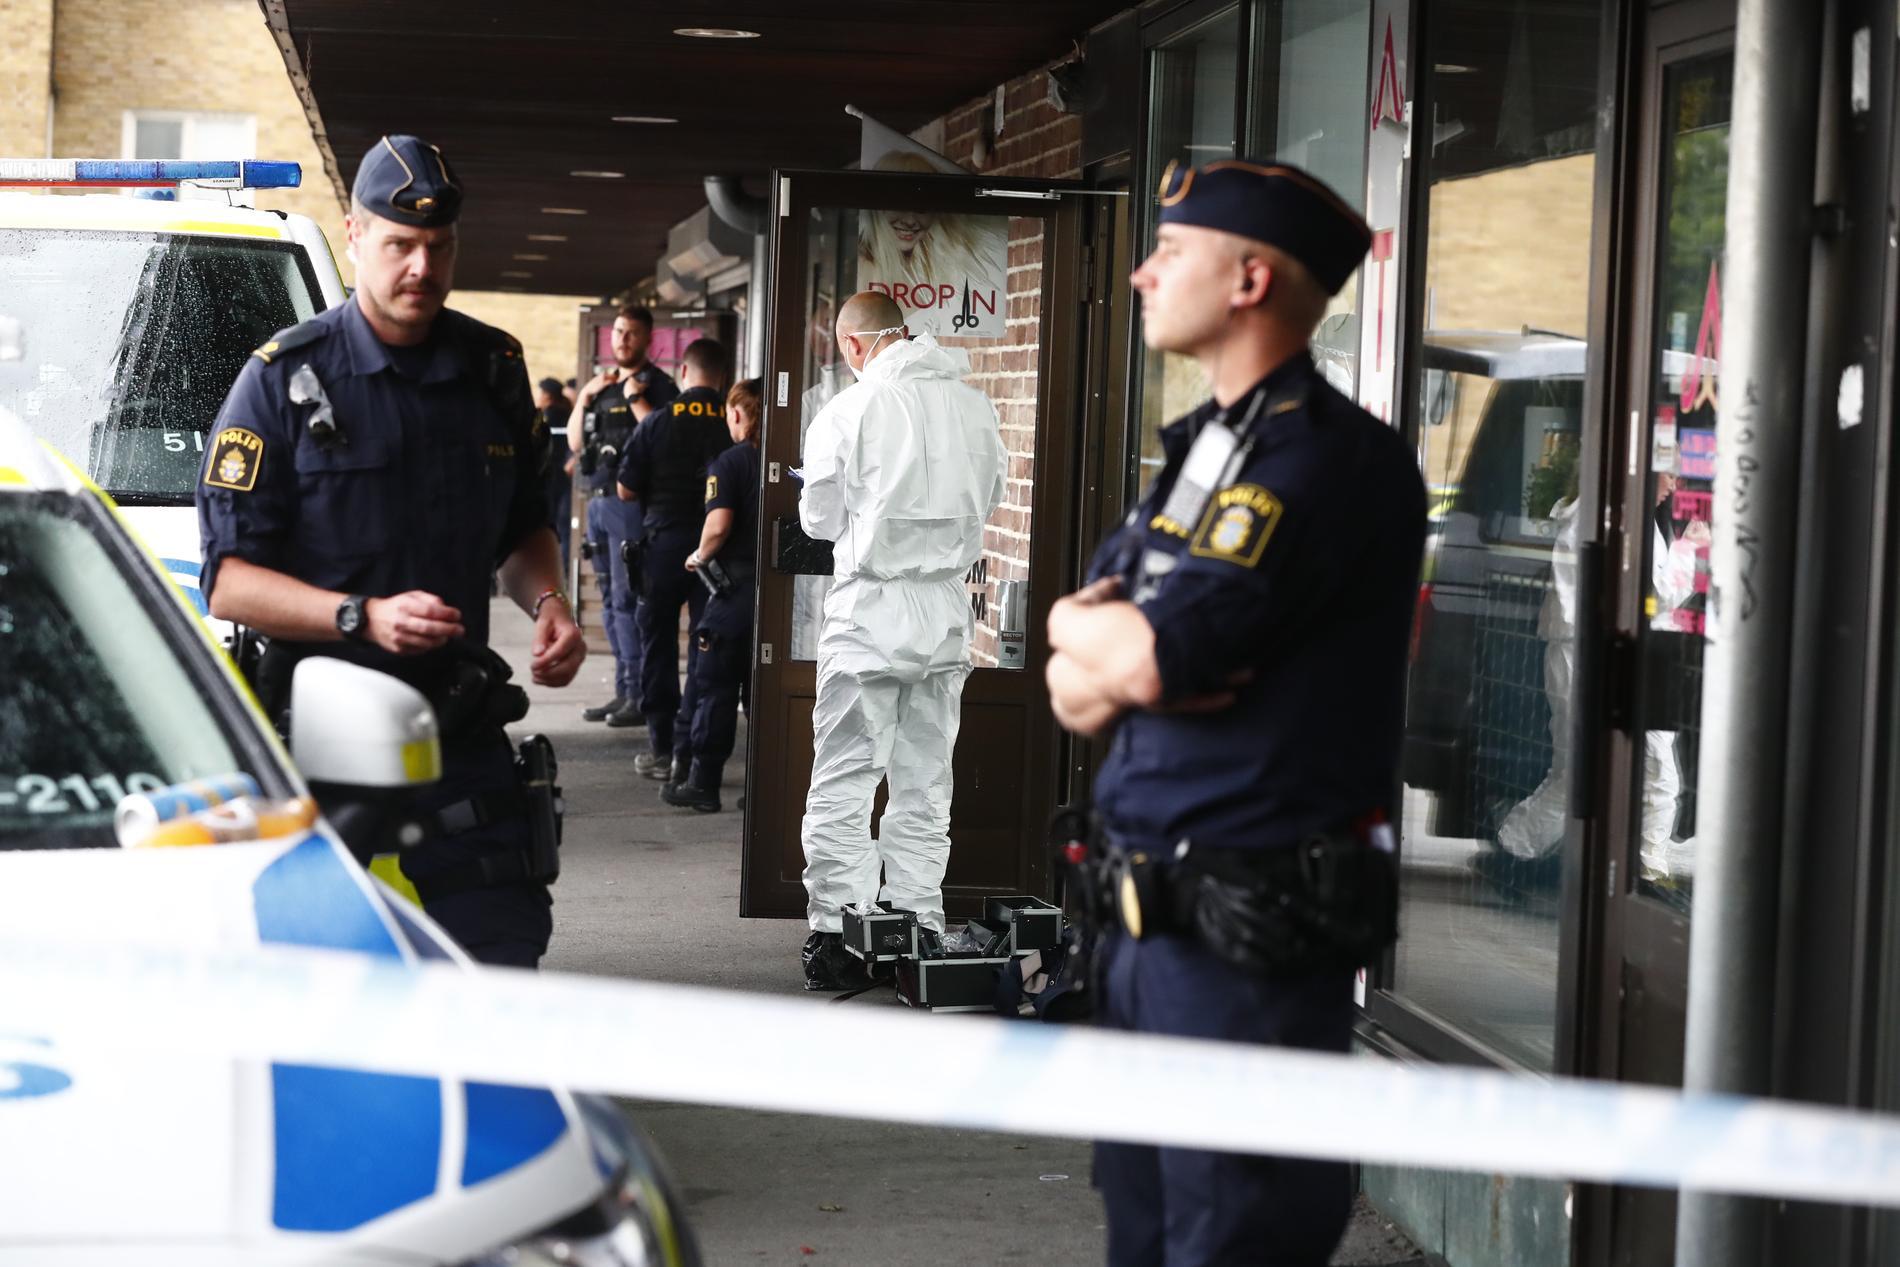 Polis och tekniker arbetar på platsen.